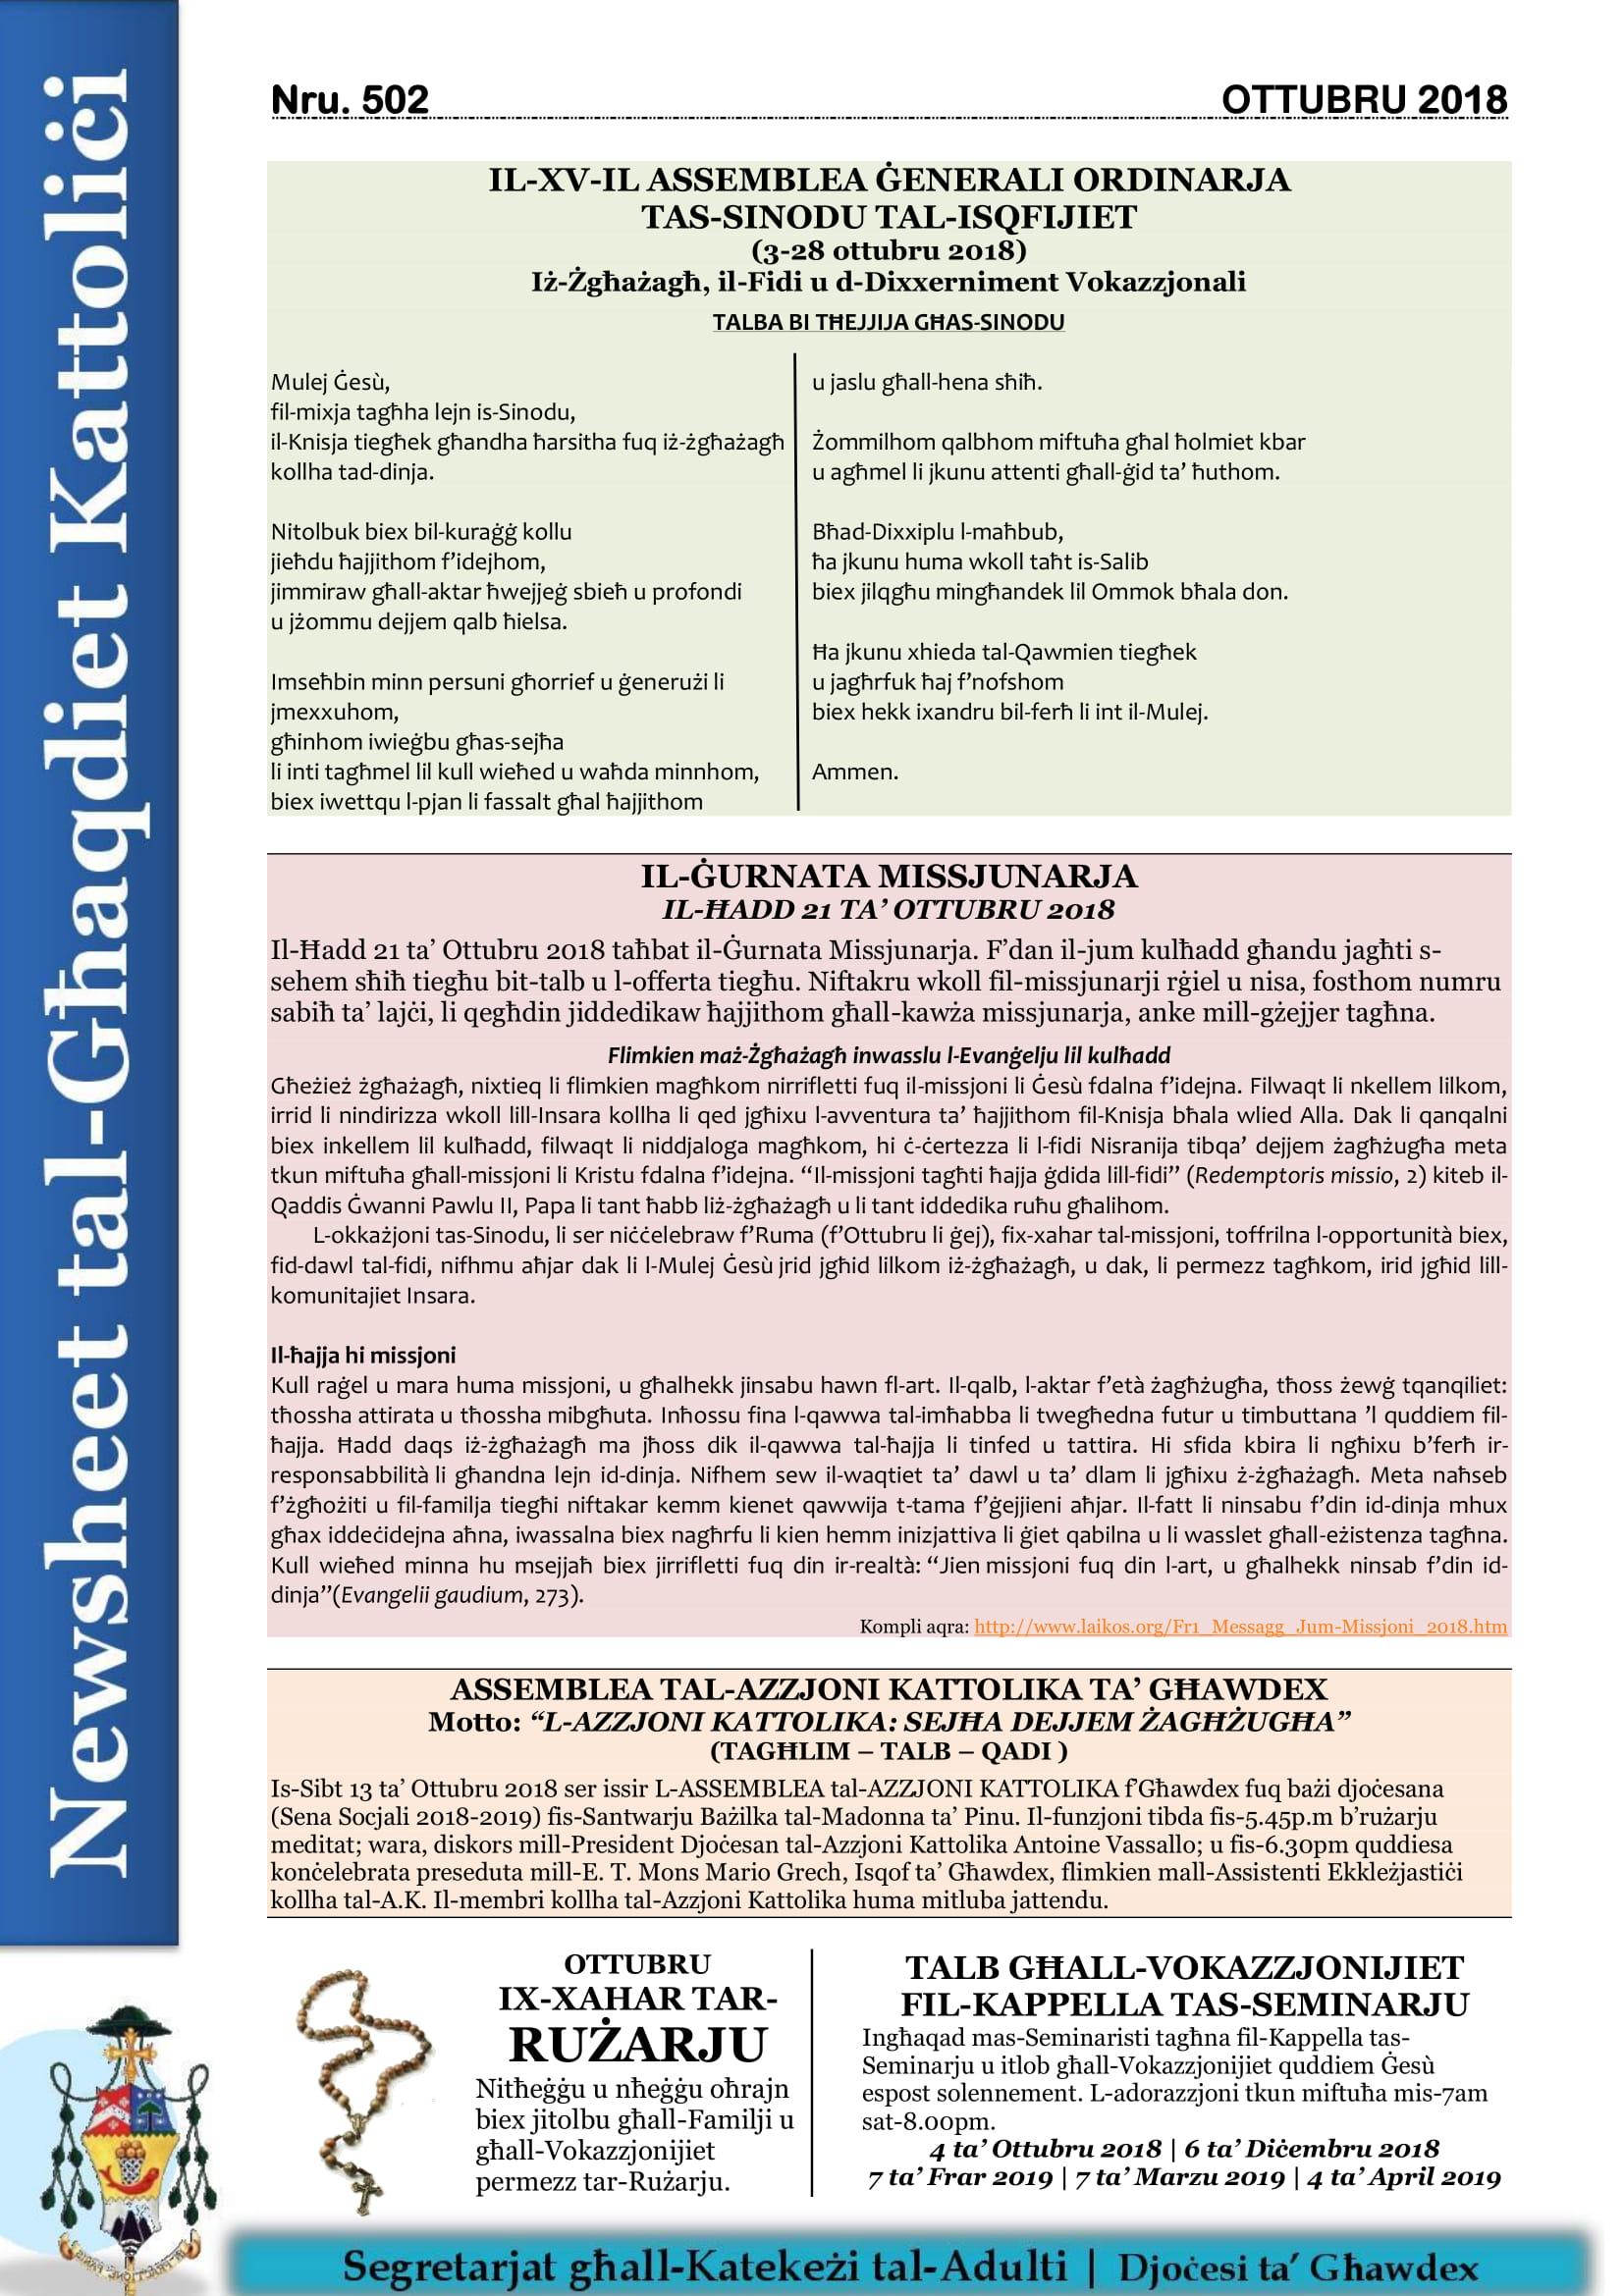 newsheet-ottubru-2018-1.jpg